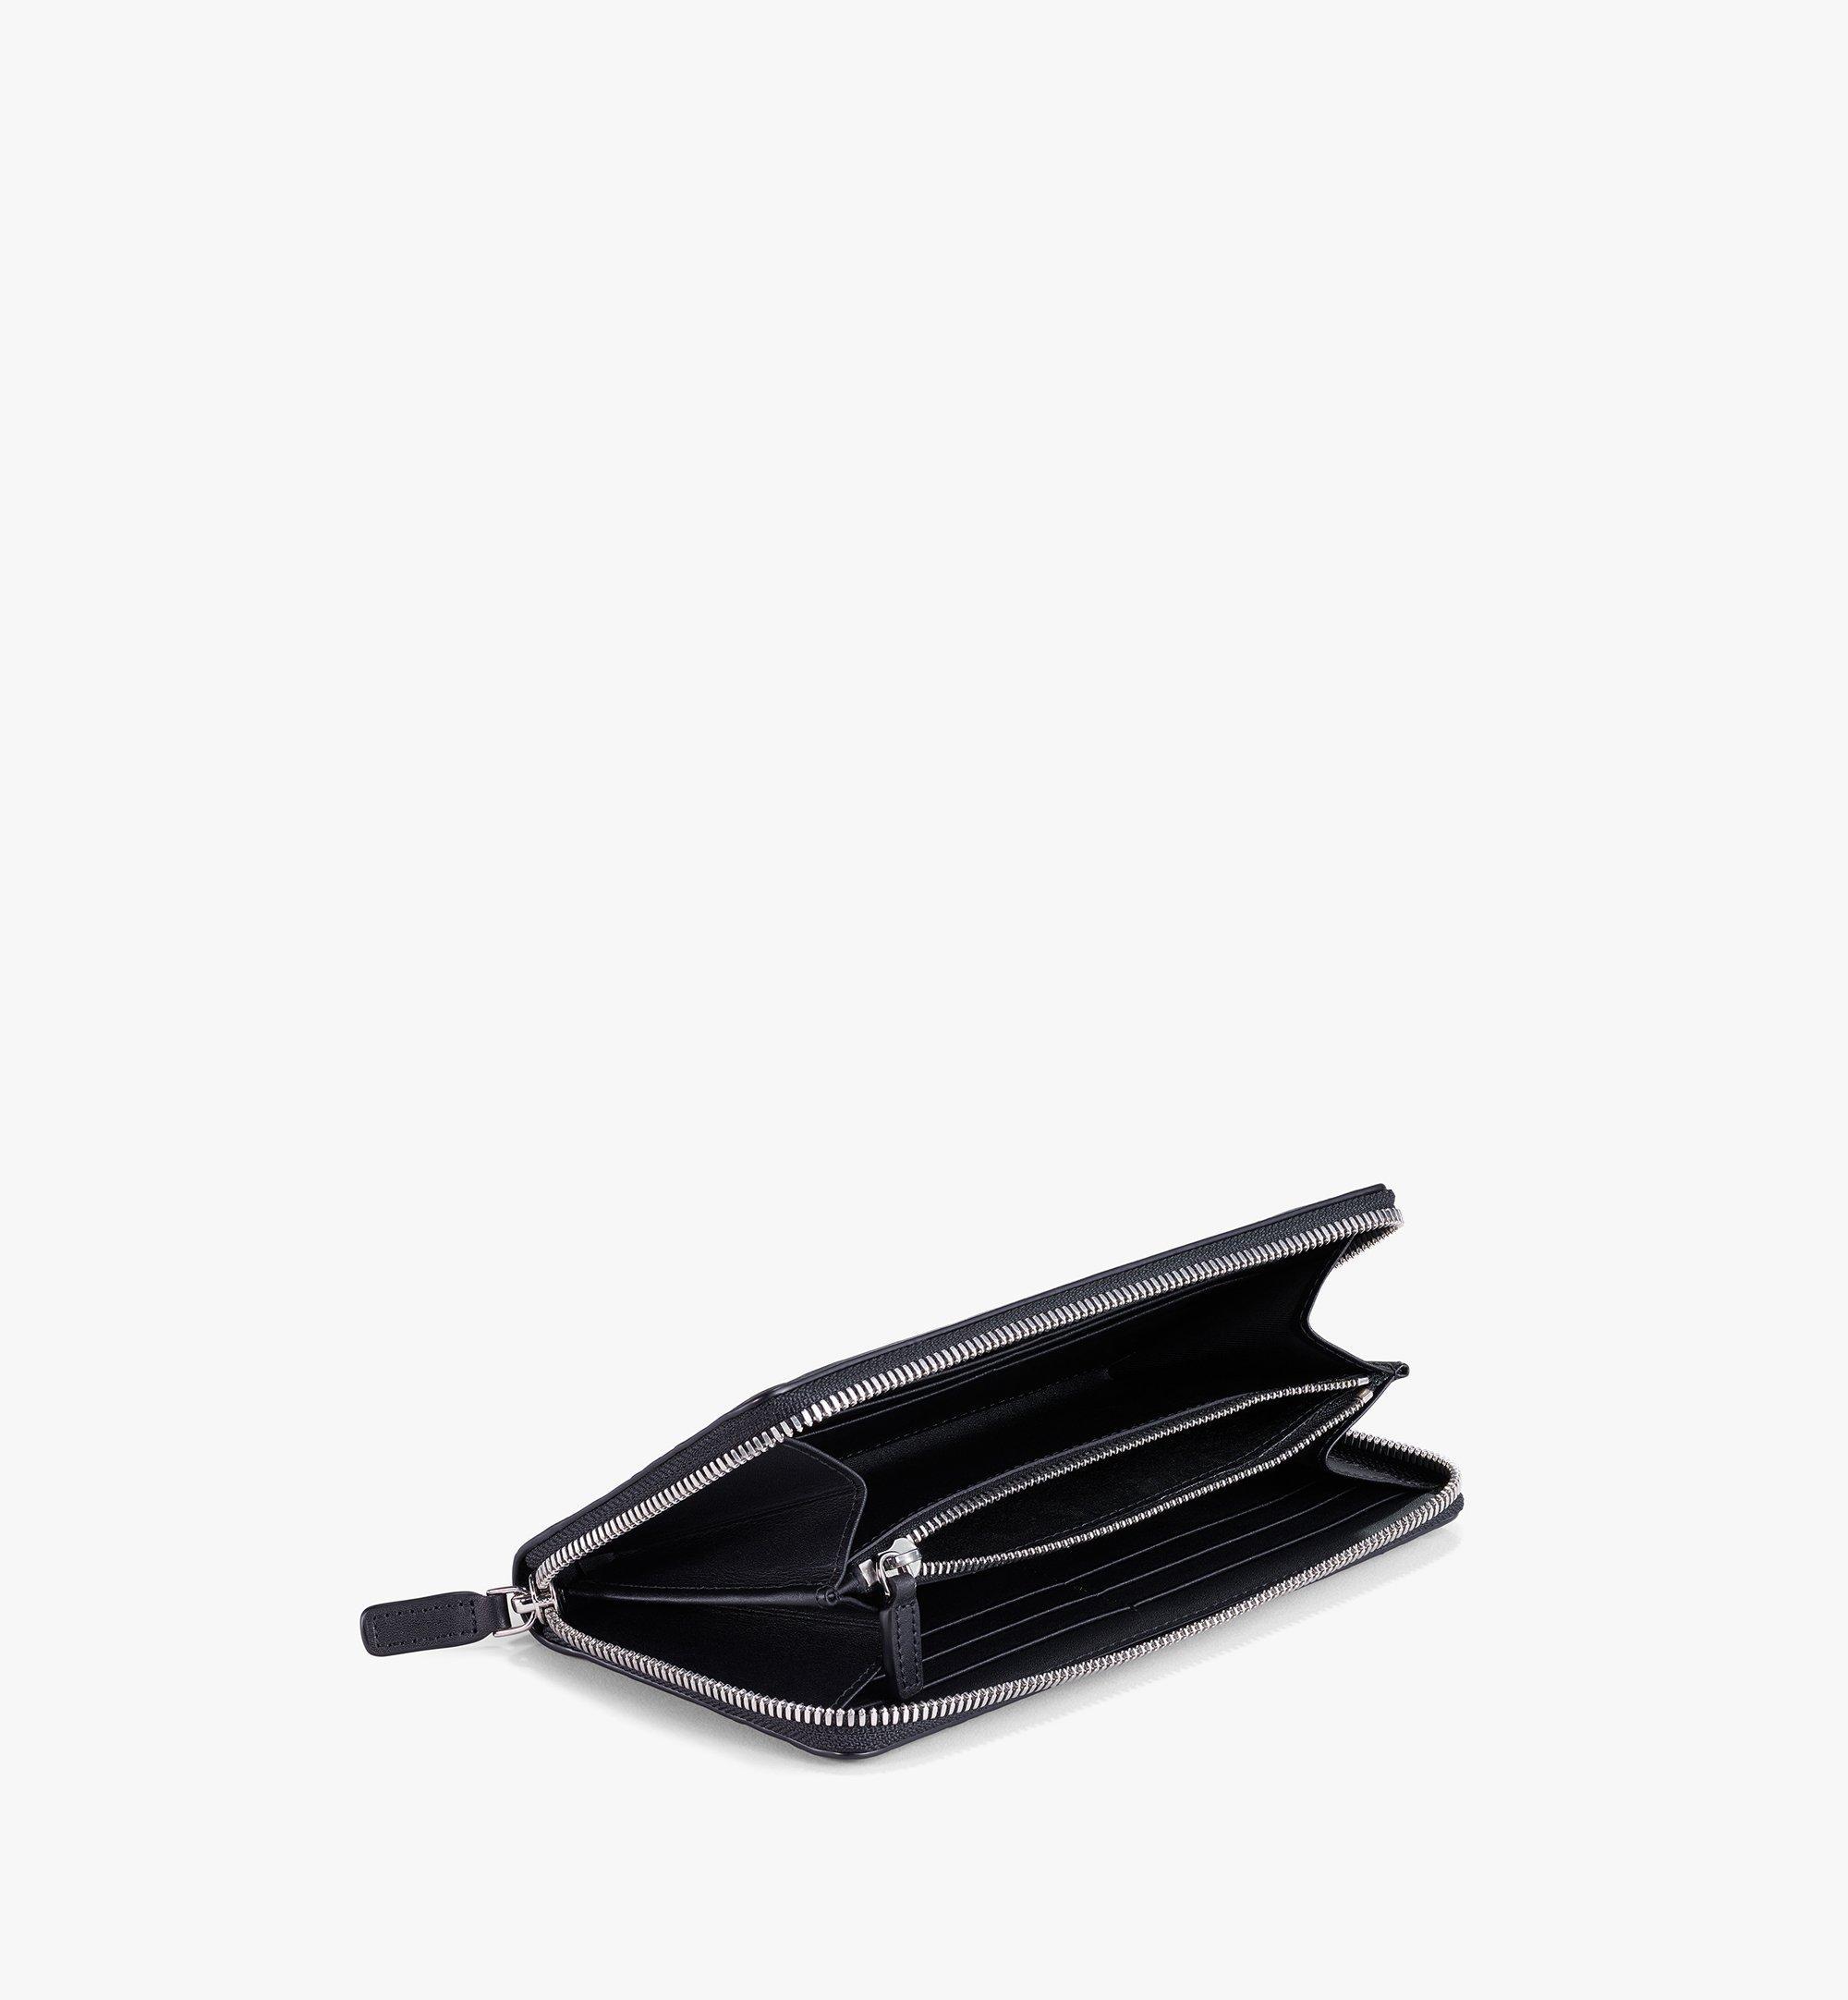 MCM Zip Around Wallet in MCM Monogram Leather Black MYLAAMD01BK001 Alternate View 1